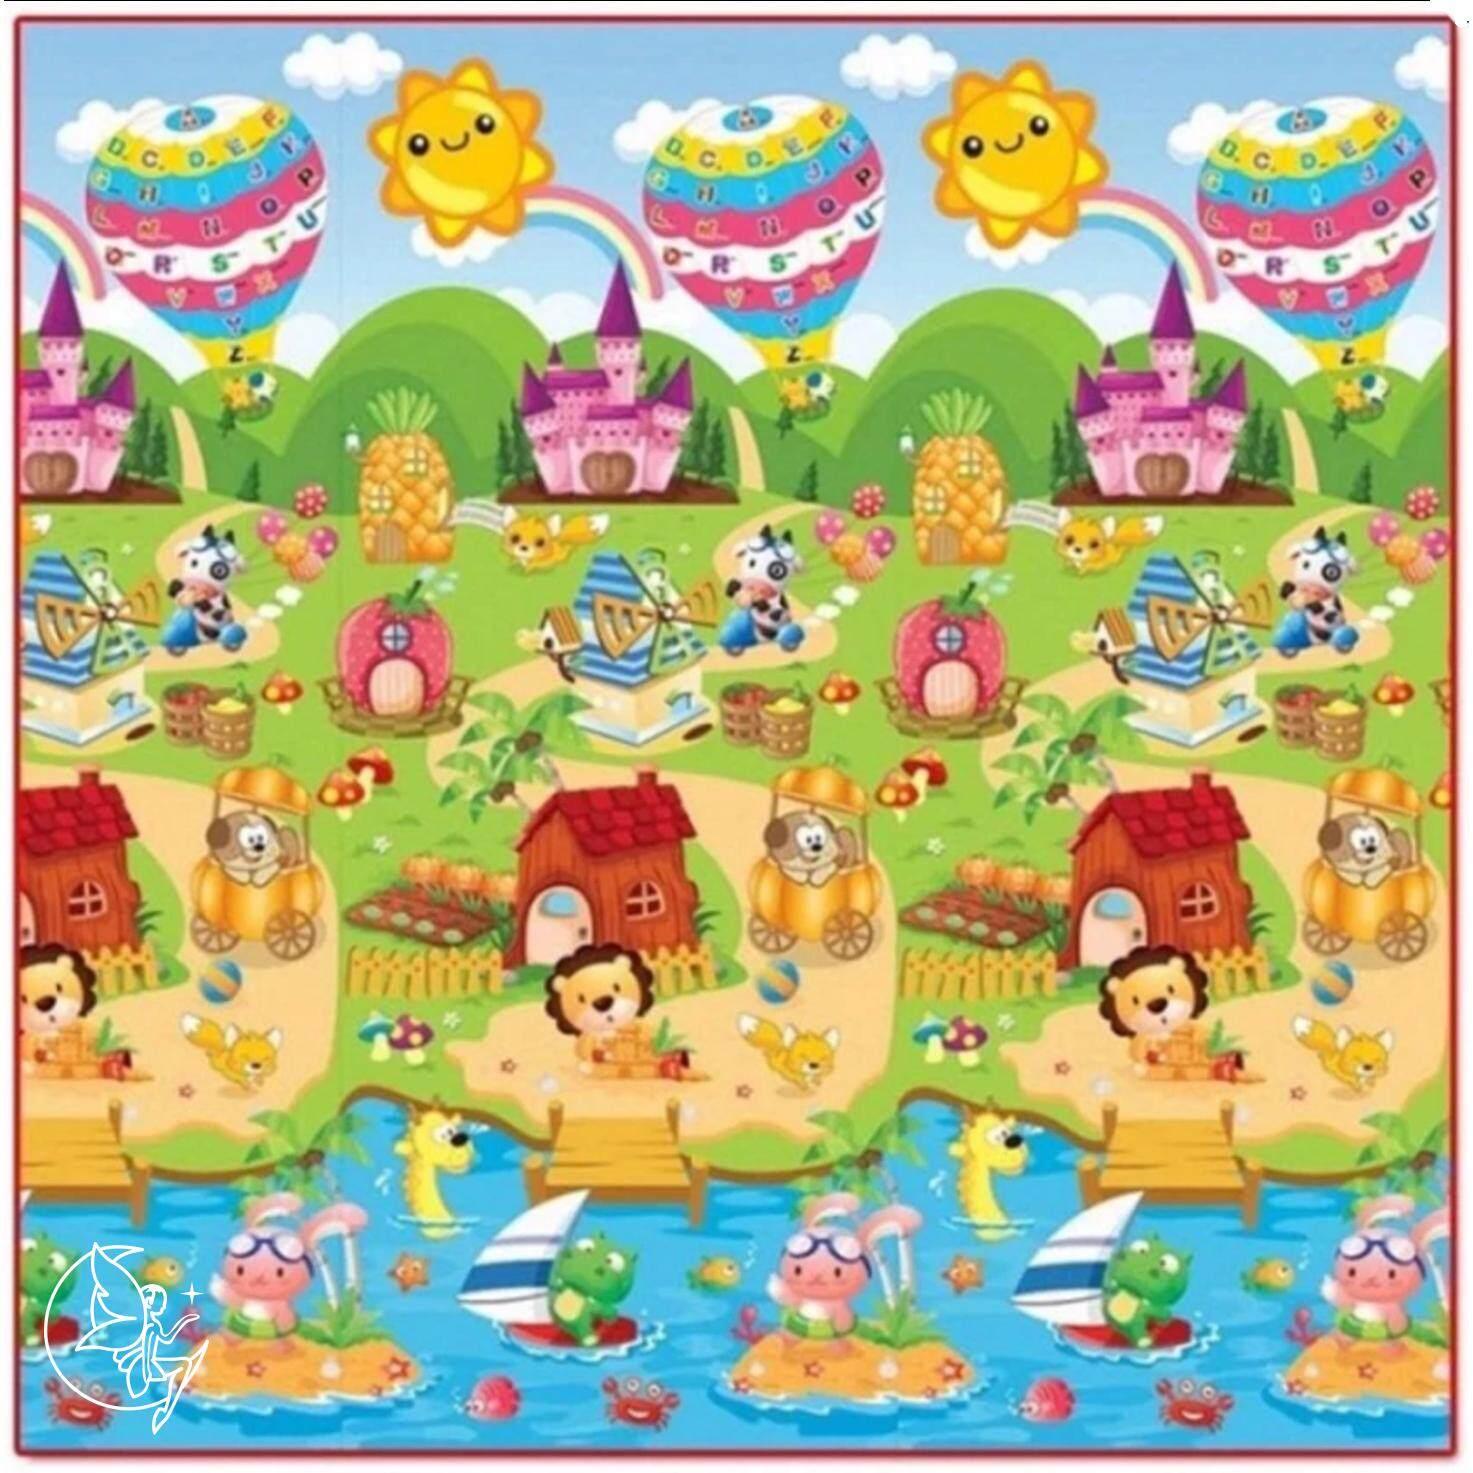 Minlane Kids Lion And Abc Playmats แผ่นรองคลาน เสื่อรองคลาน ลาย สิงโต และ เอบีซี ความหนา 2 ซม ขนาด 200 180 2 Cm สมุทรปราการ